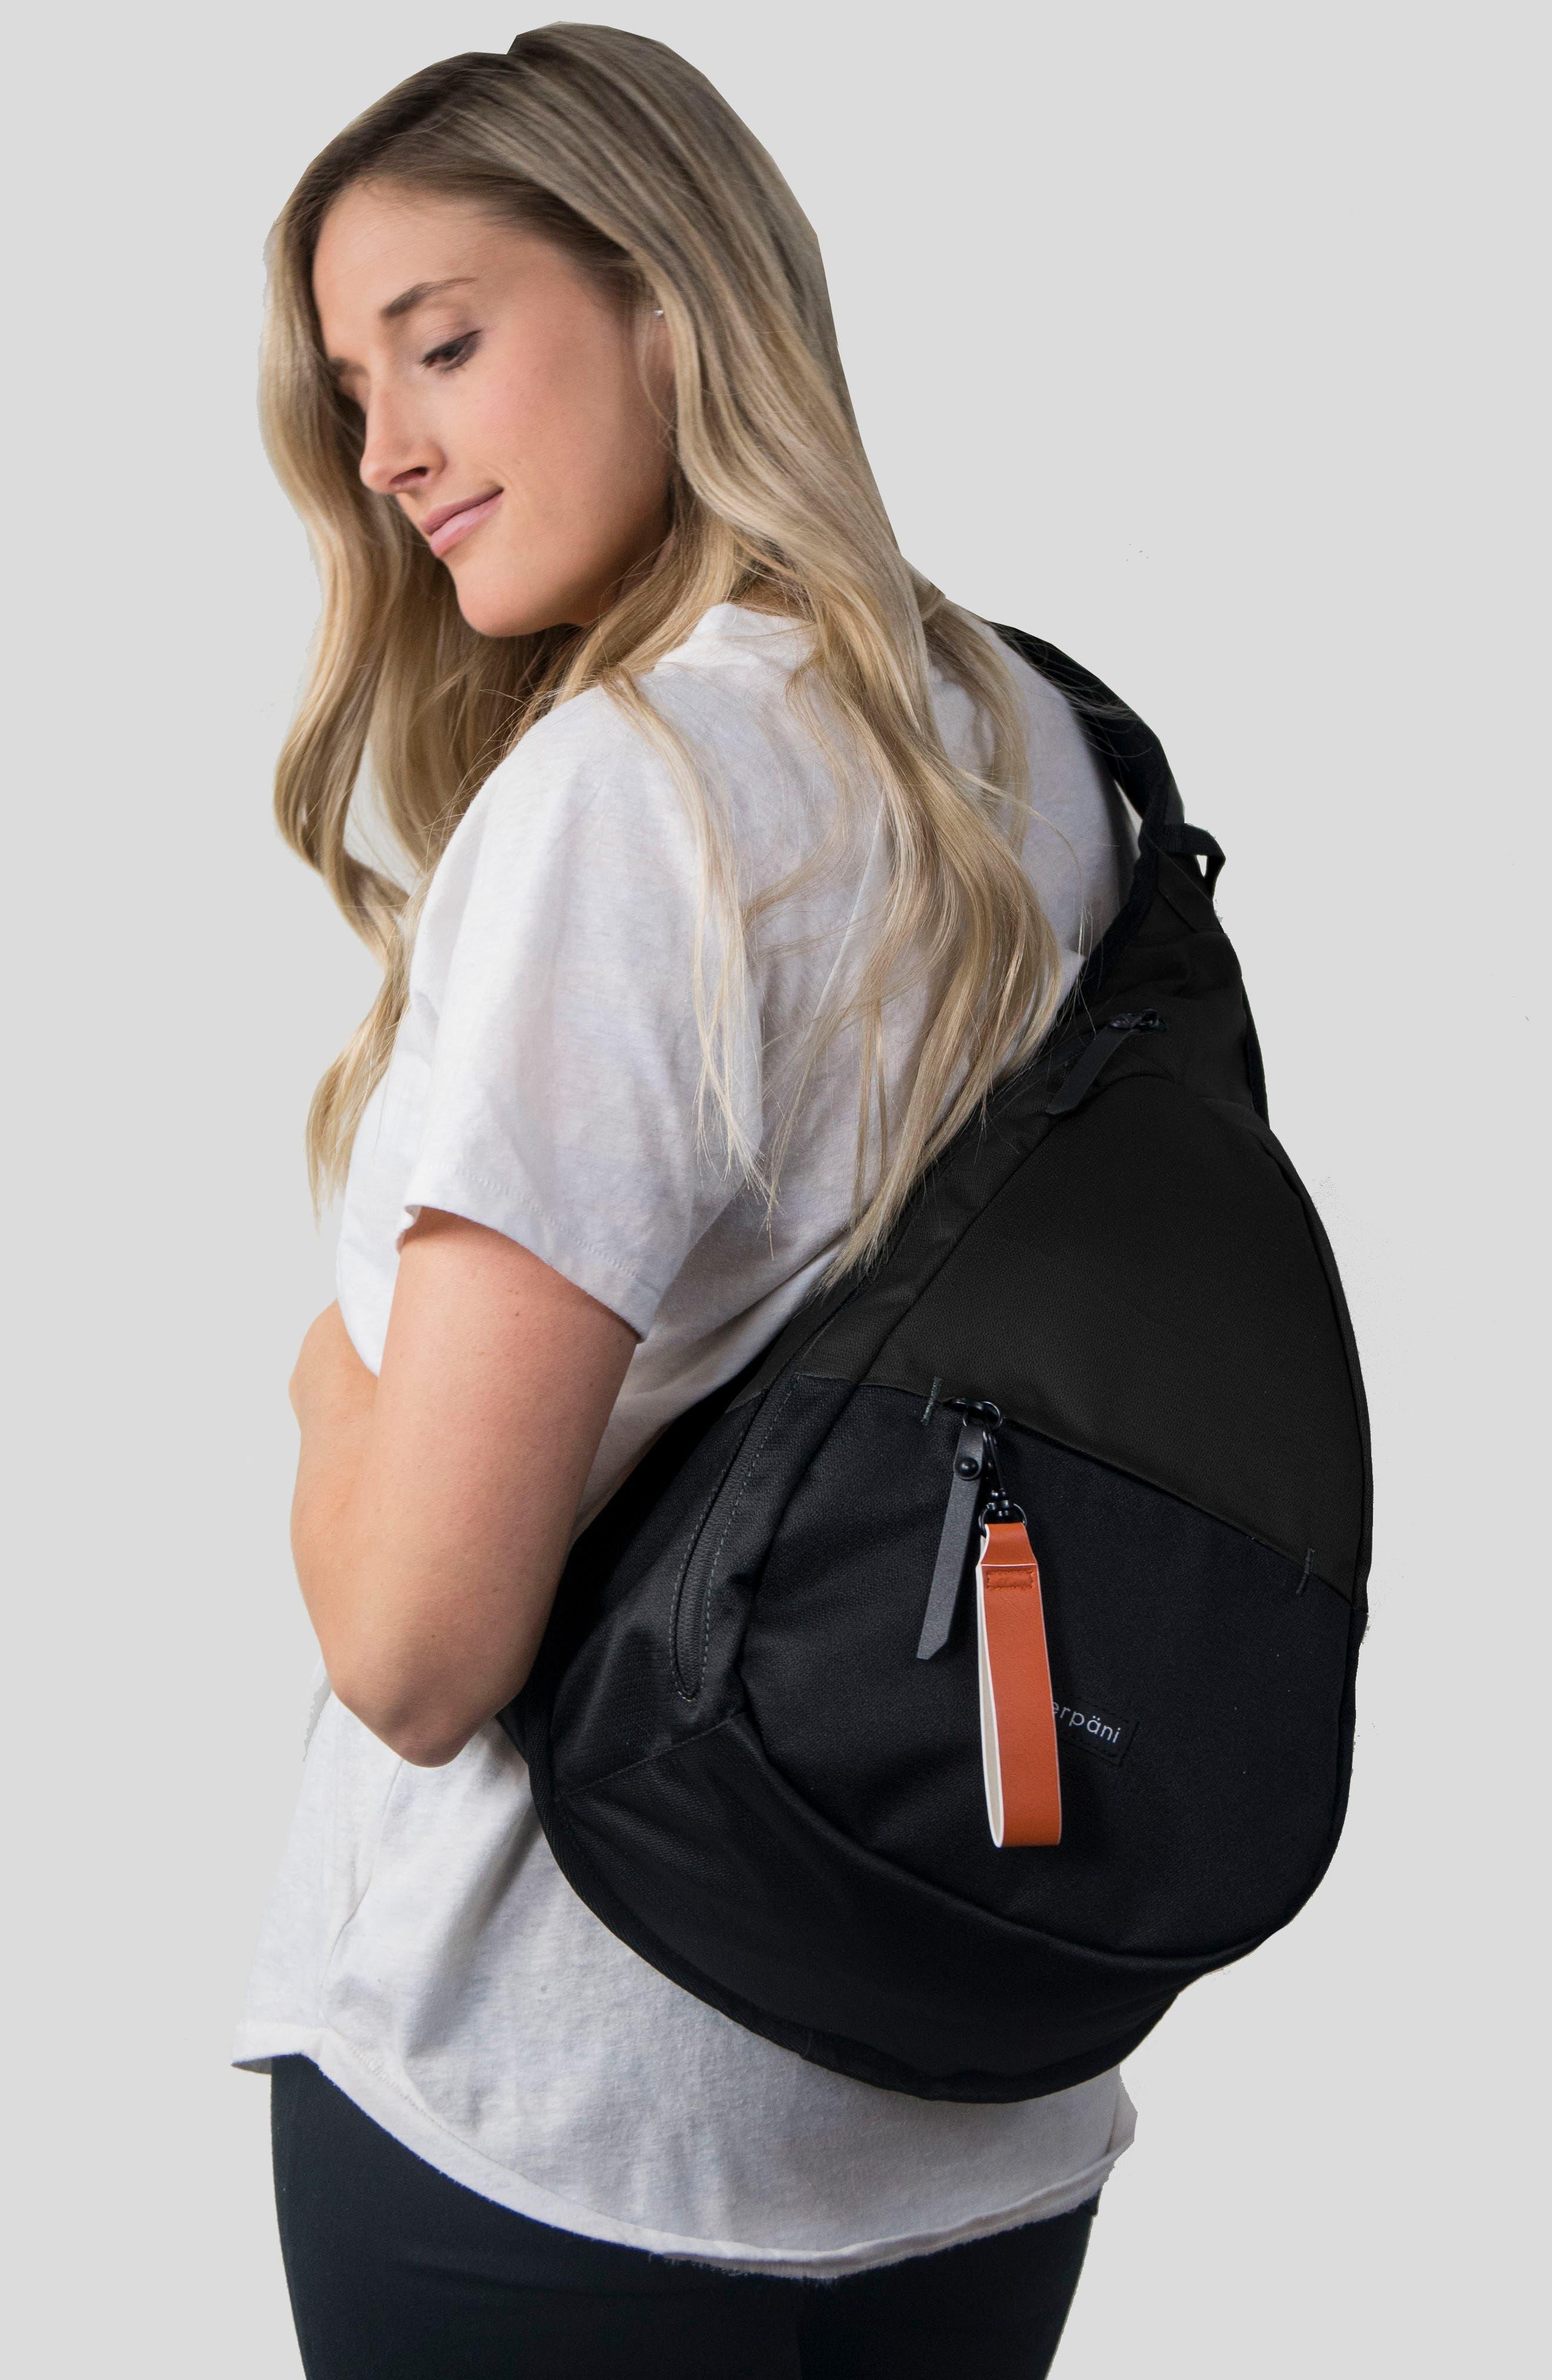 Esprit RFID Sling Backpack,                             Alternate thumbnail 2, color,                             001